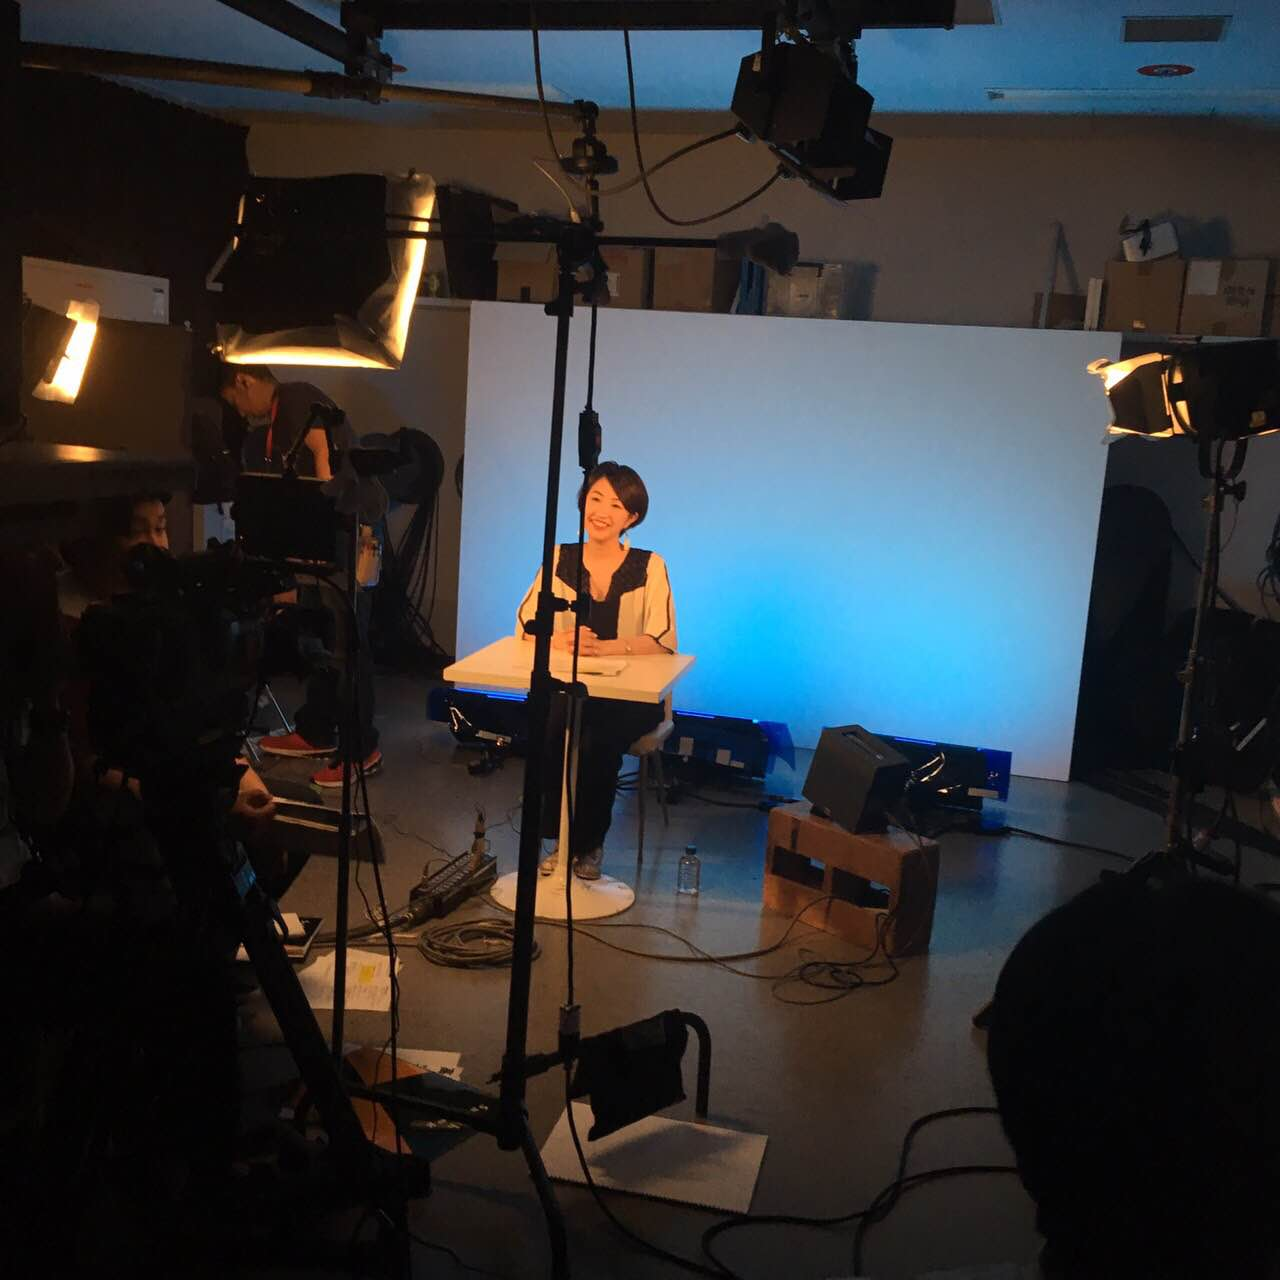 パーソナルスタイリスト久野梨沙が「中居正広のミになる図書館」に出演します